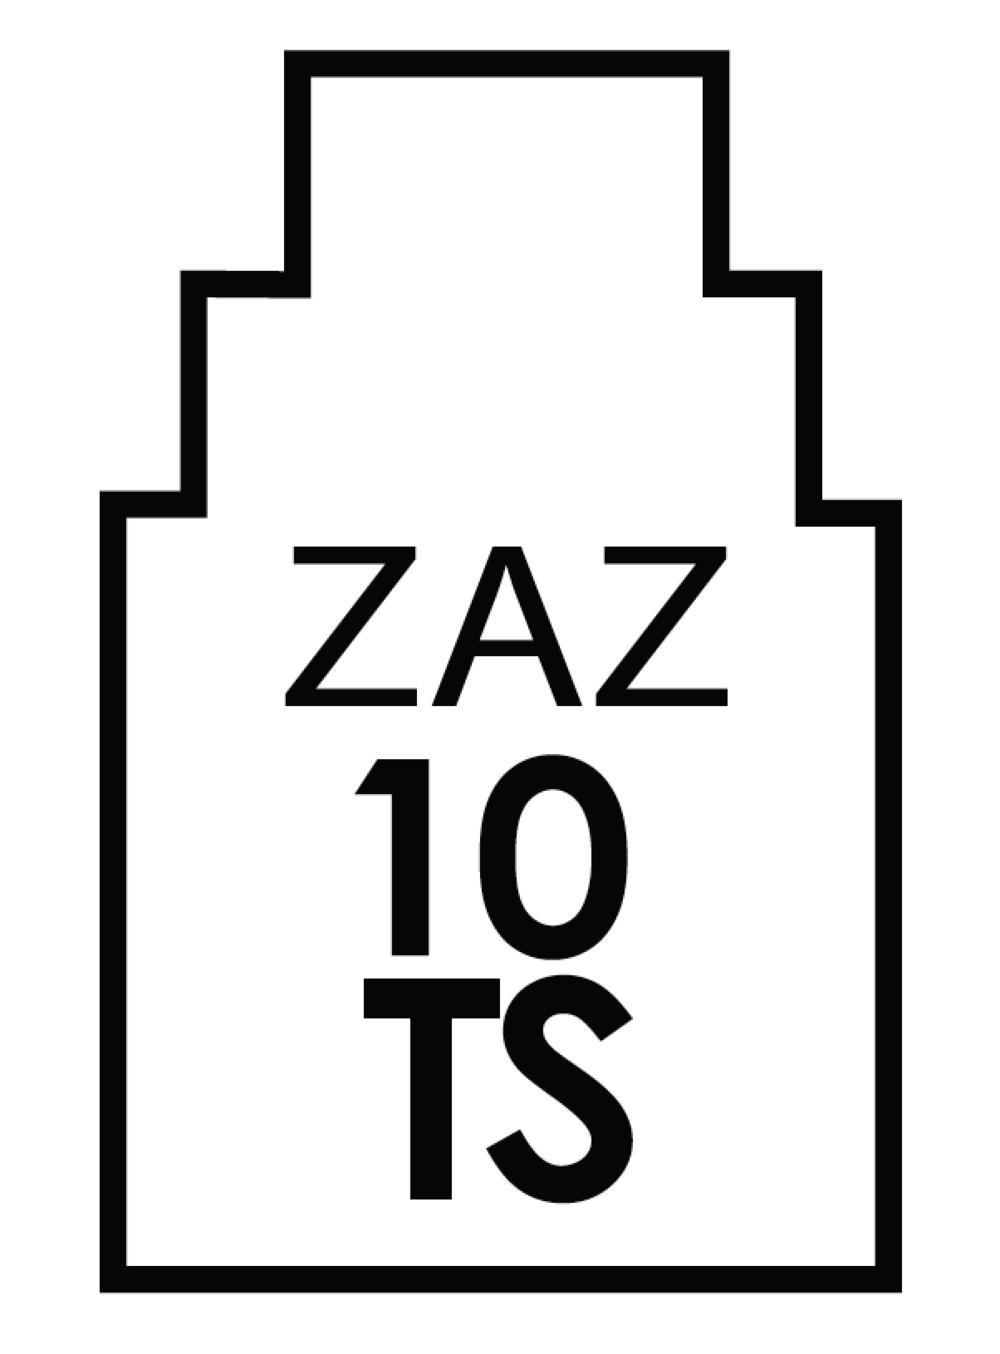 ZAZ 10TS